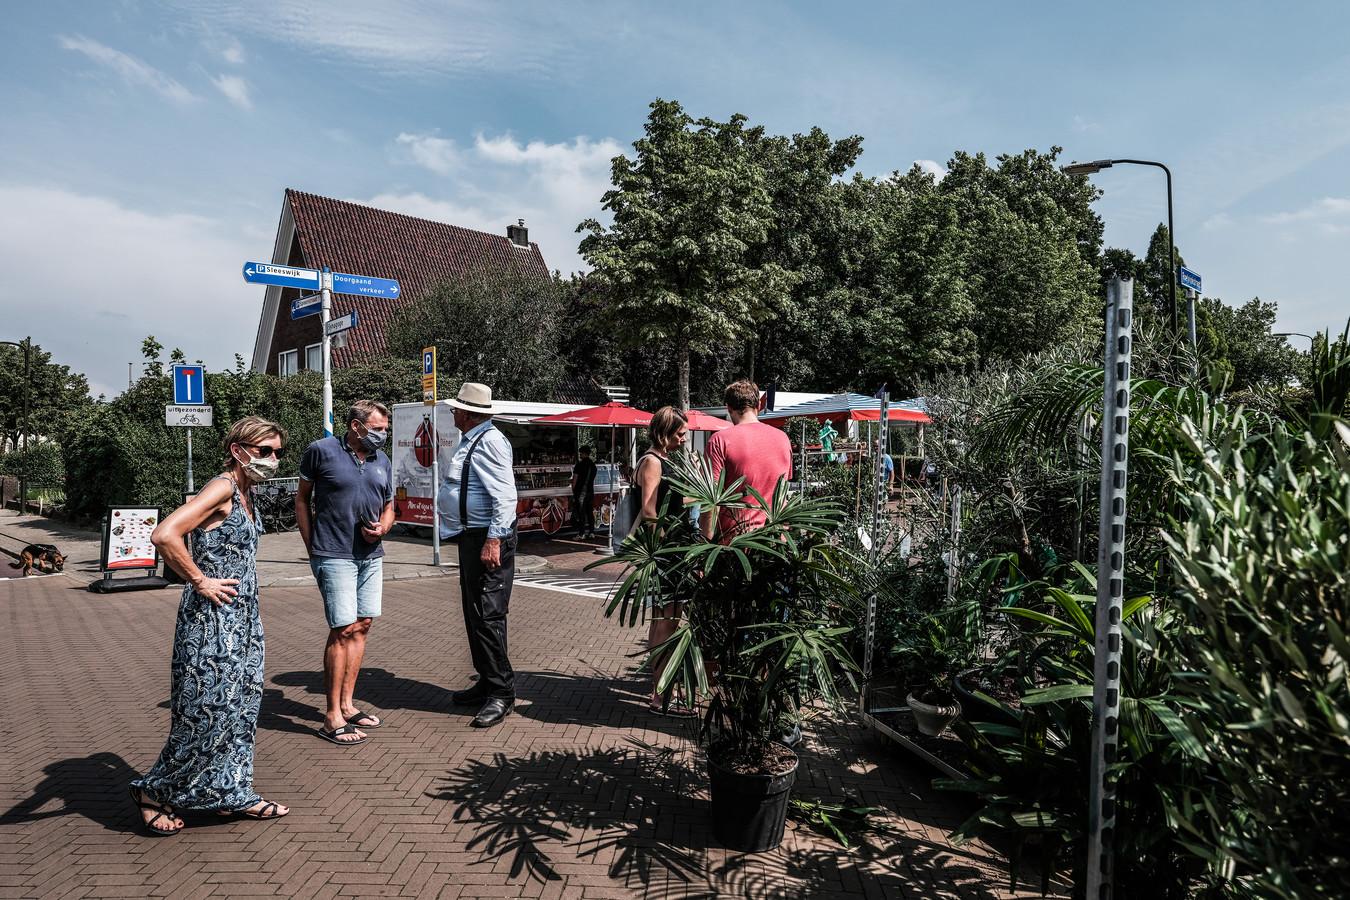 Sommige bezoekers van de weekmarkt in Winterswijk dragen uit voorzorg een mondkapje.